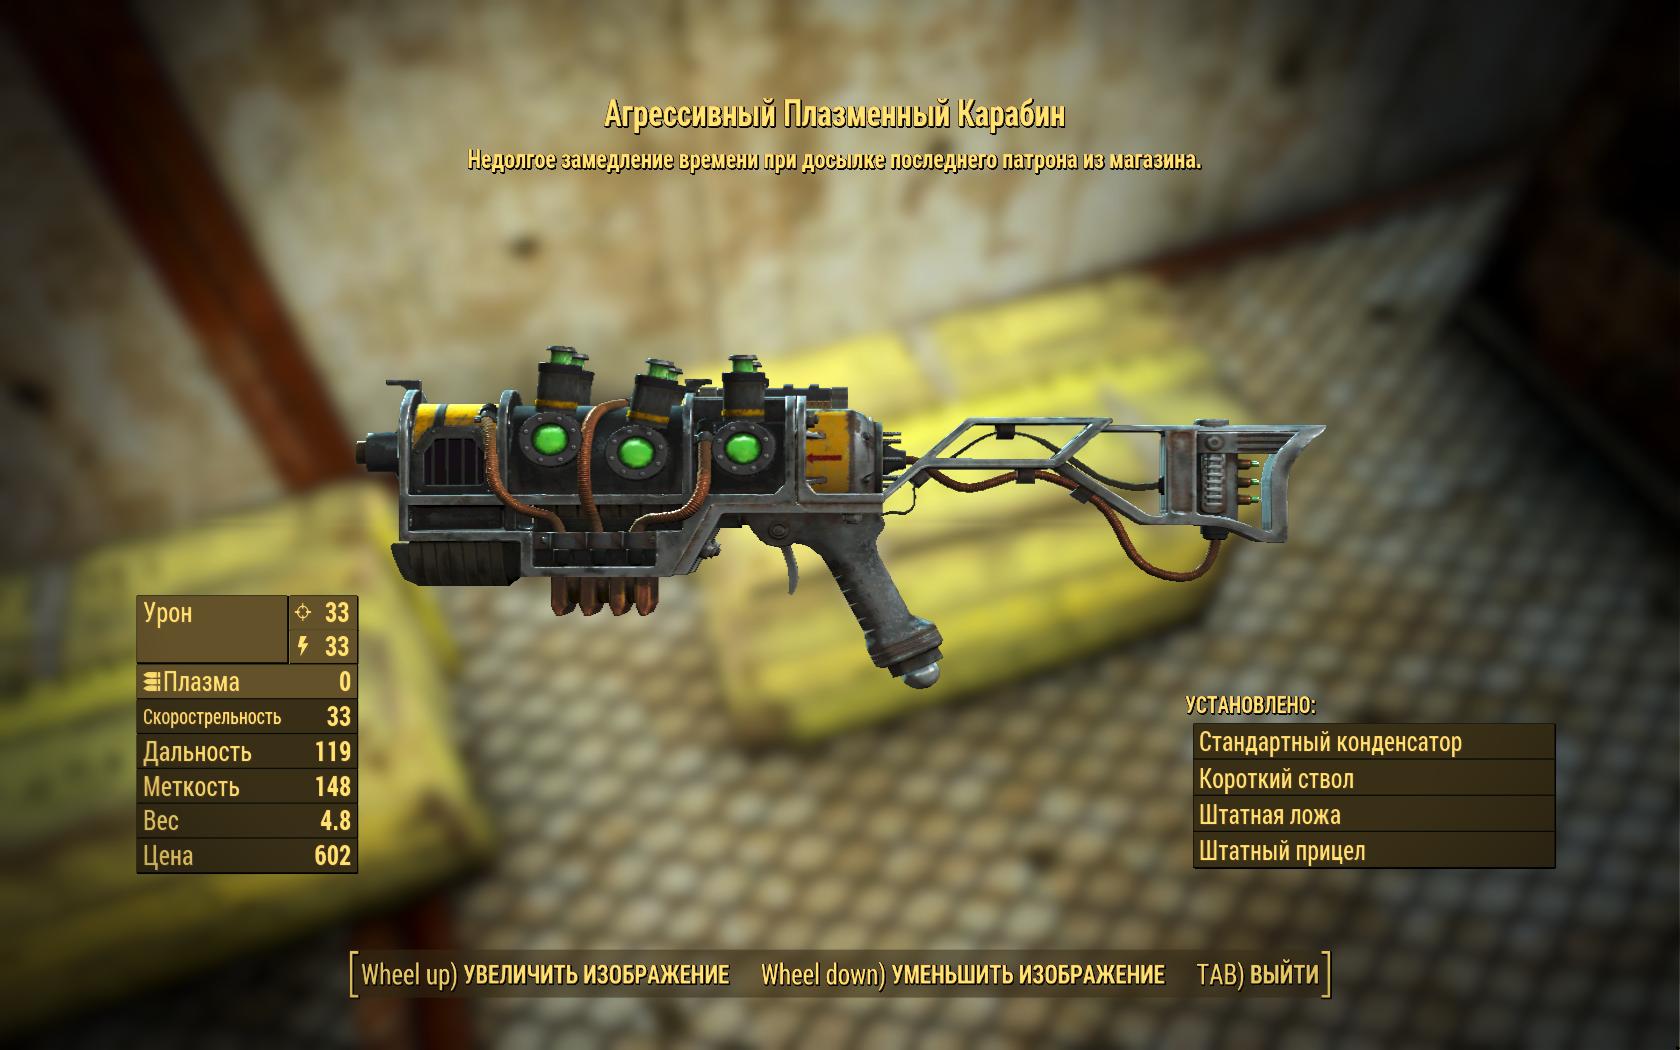 карабин - Fallout 4 Агрессивный, Оружие, плазменный